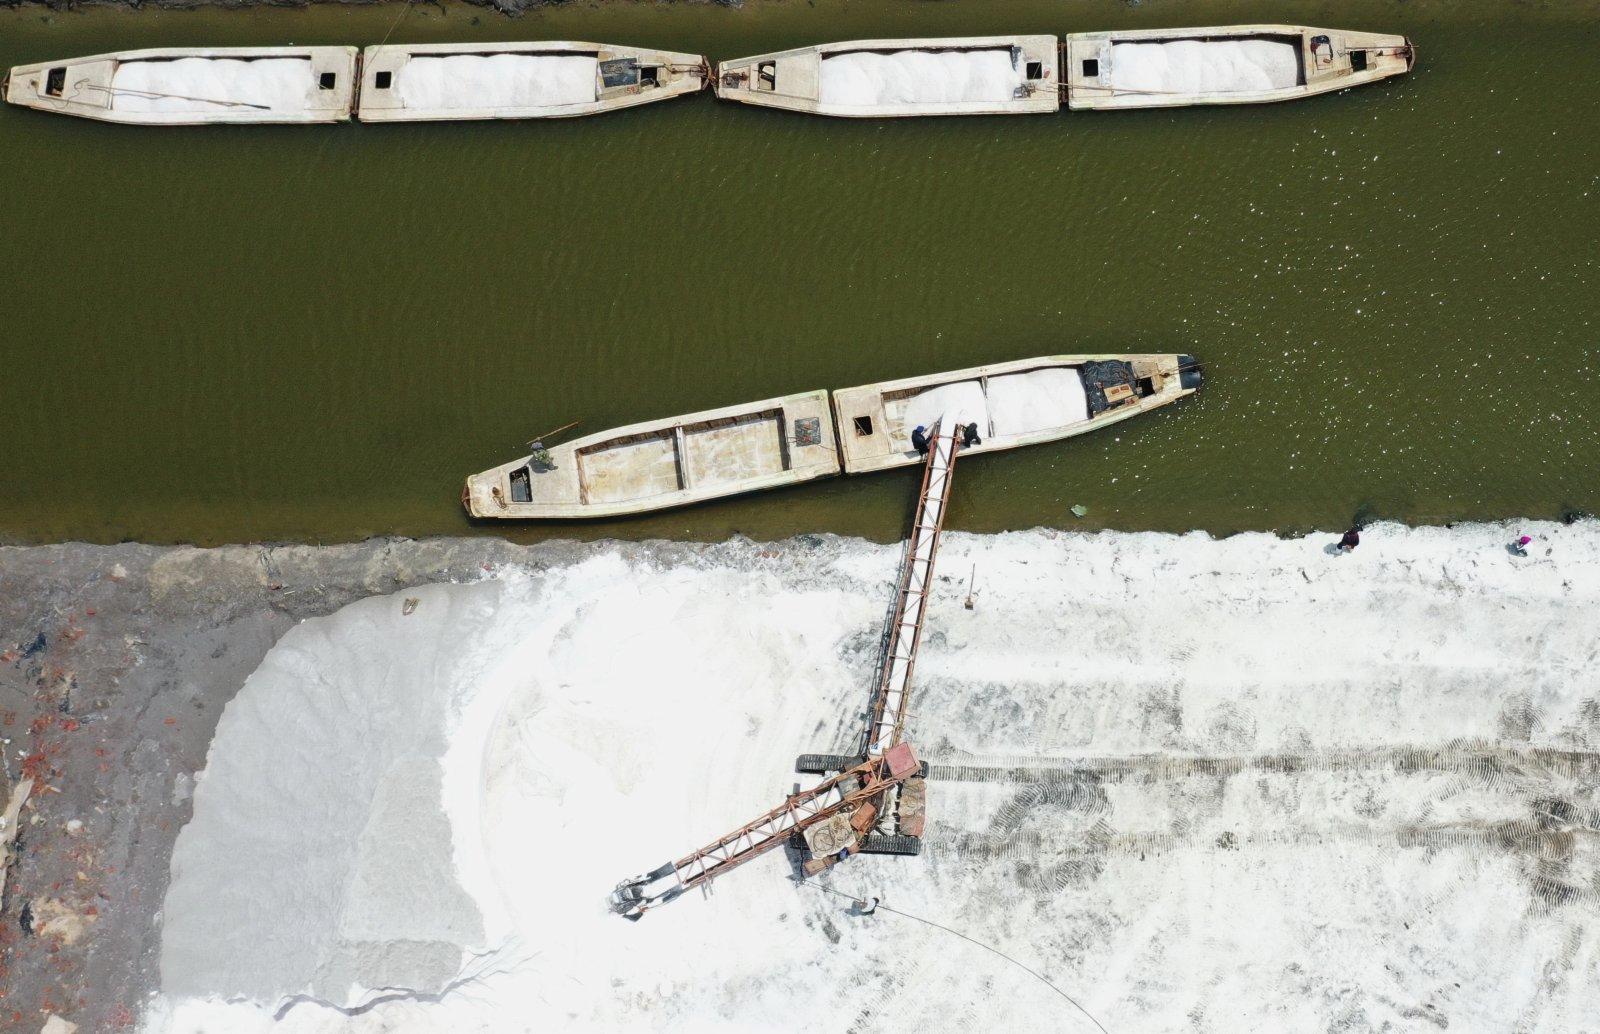 6月5日,南堡鹽場的工人將收穫的春鹽裝船(無人機照片)。